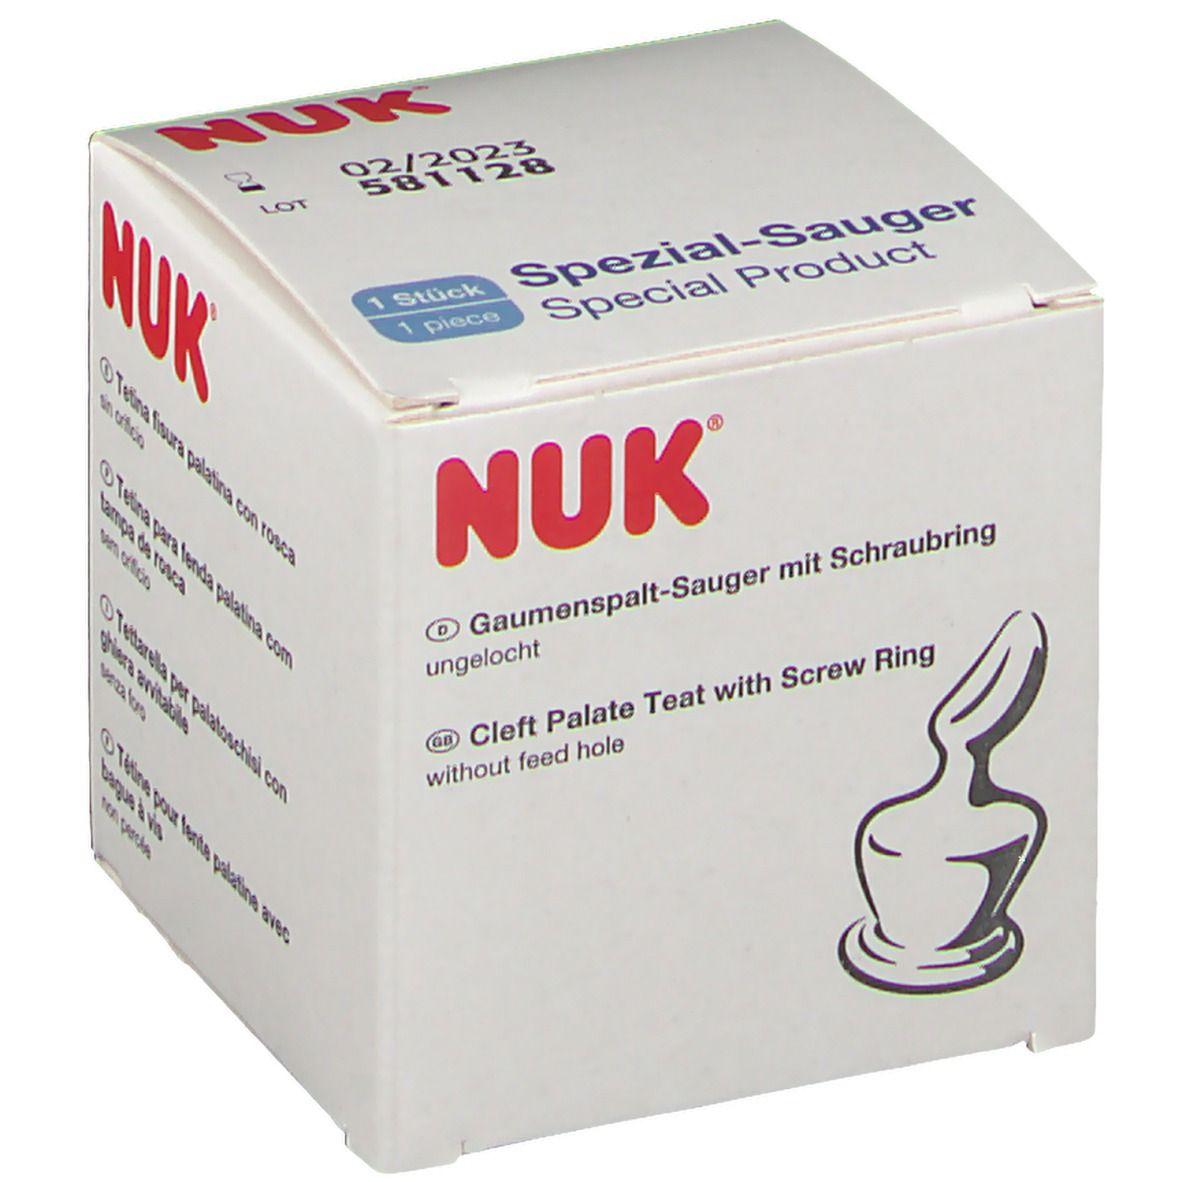 NUK® Gaumenspaltsauger